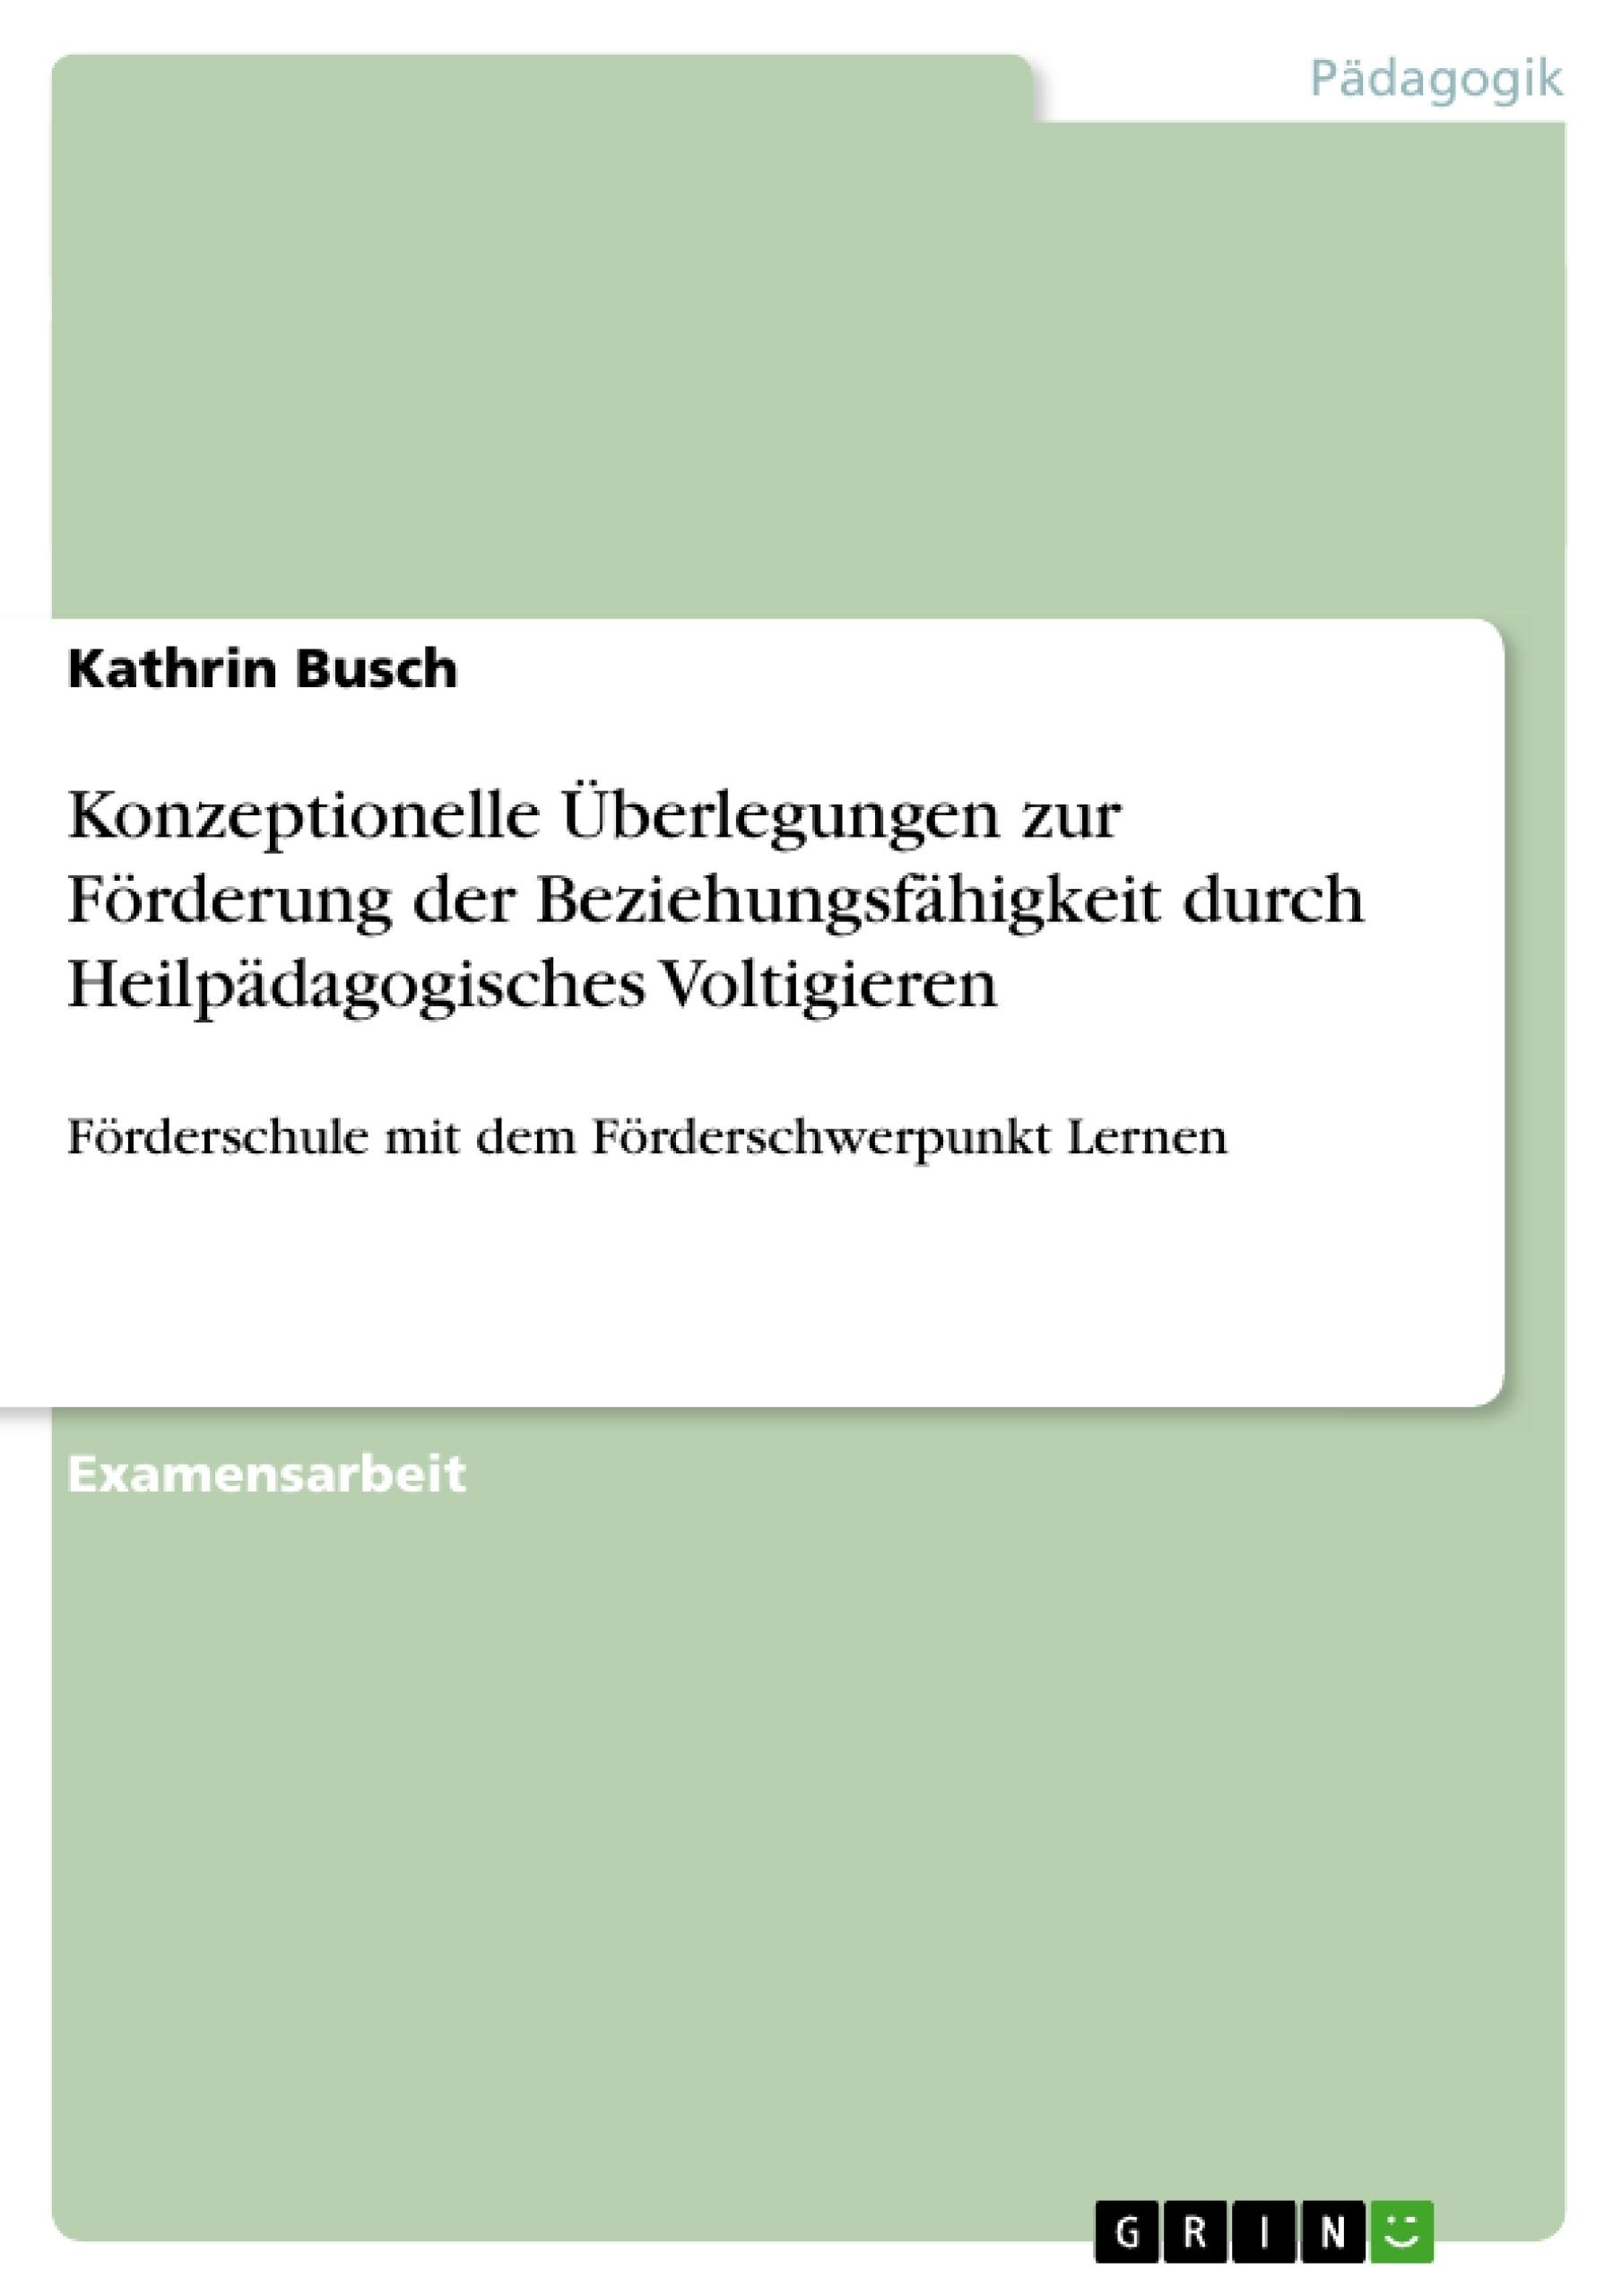 Titel: Konzeptionelle Überlegungen zur Förderung der Beziehungsfähigkeit durch Heilpädagogisches Voltigieren